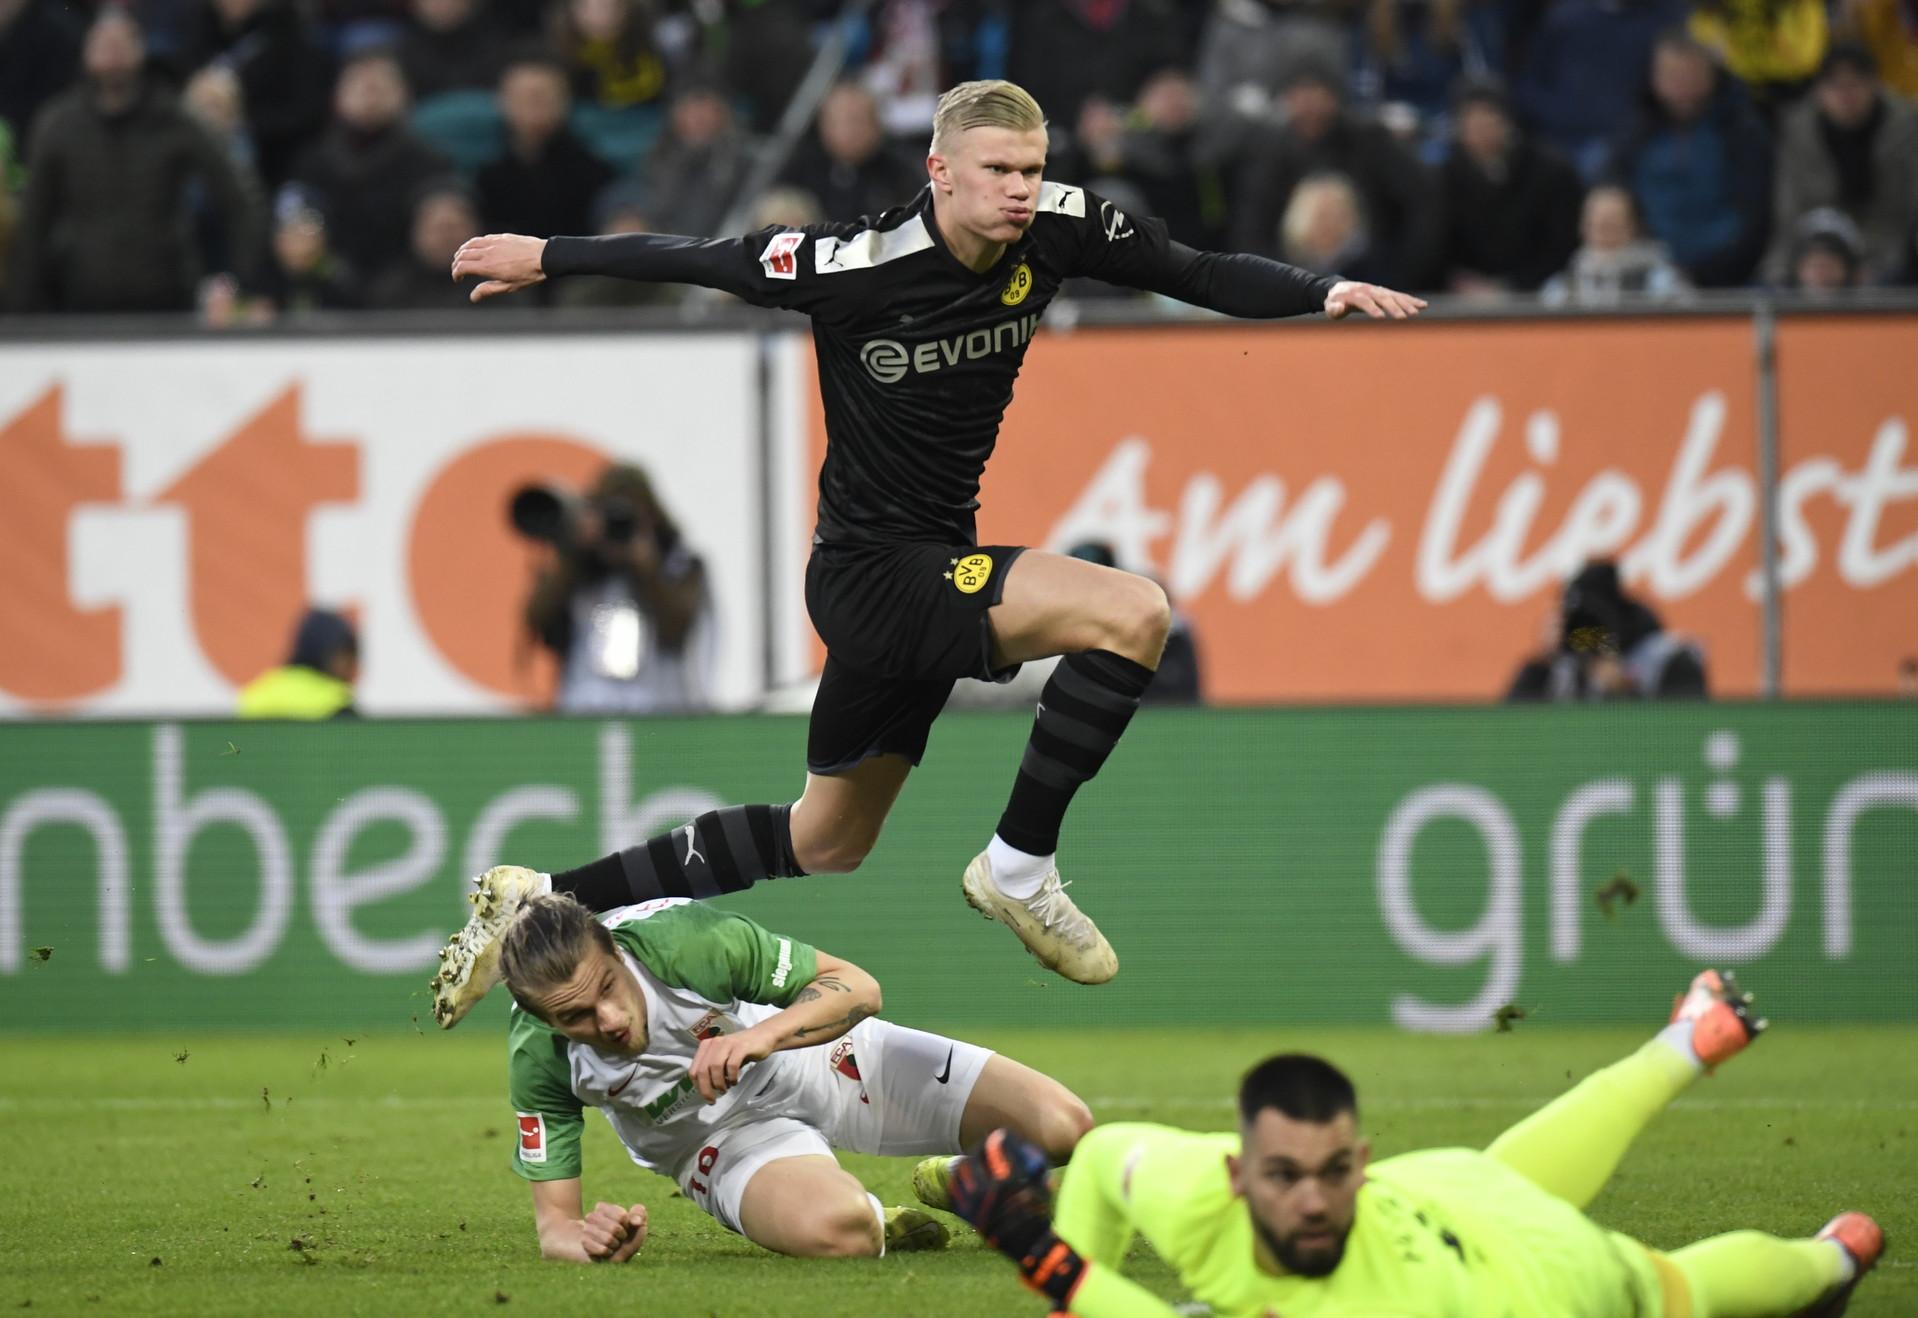 L'attaccante del Borussia Dortmund continua la propria stagione magica anche con la nuova maglia. All'esordio in Bundesliga in giallonero, entra al 56' con il Dortmund sotto 1-3: tripletta nel giro di 23 minuti nel5-3 finale e pallone dritto in bacheca